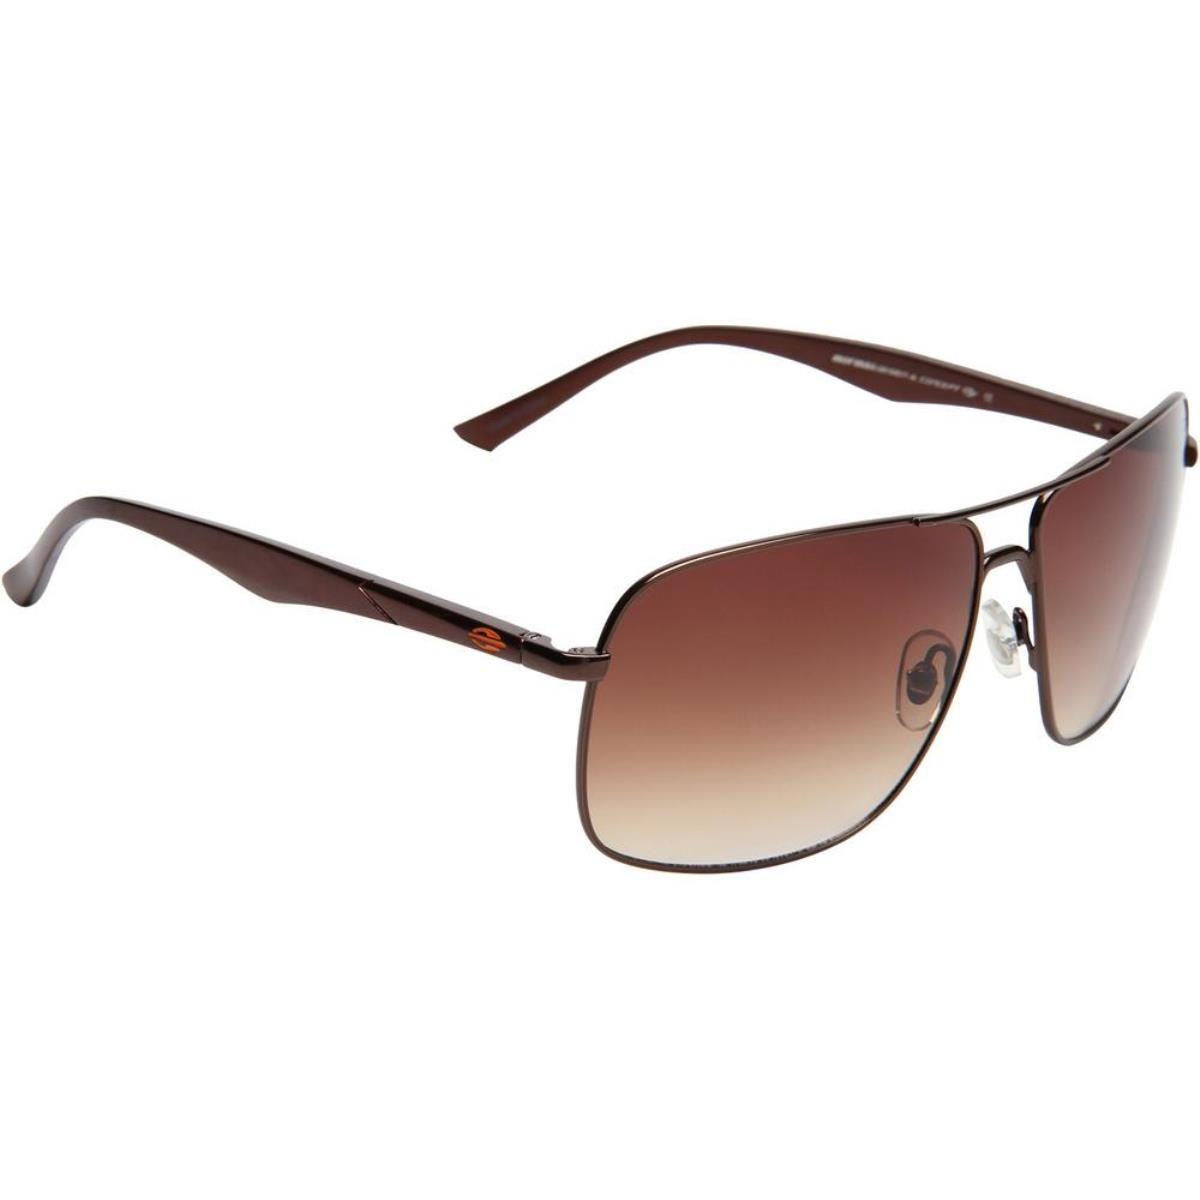 010421d518074 COMPRE AQUI  Óculos de Sol Mormaii Masculino Quadrado - Marrom   Marrom -  Tamanho Único